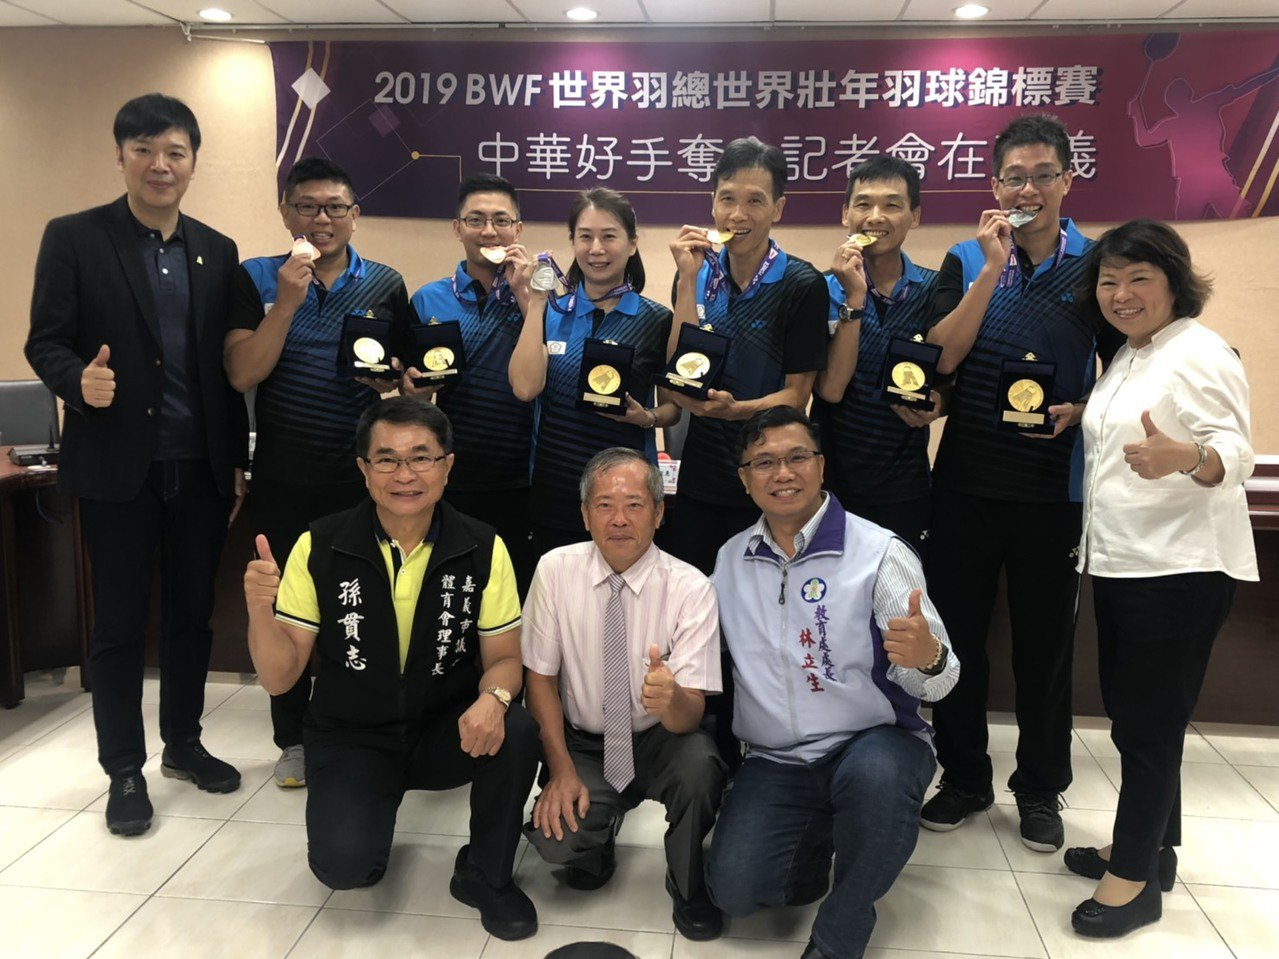 市長黃敏惠(後排右ㄧ)接見中華隊吳昶潤(後排右四)等6名選手,恭賀他們取得佳績。...